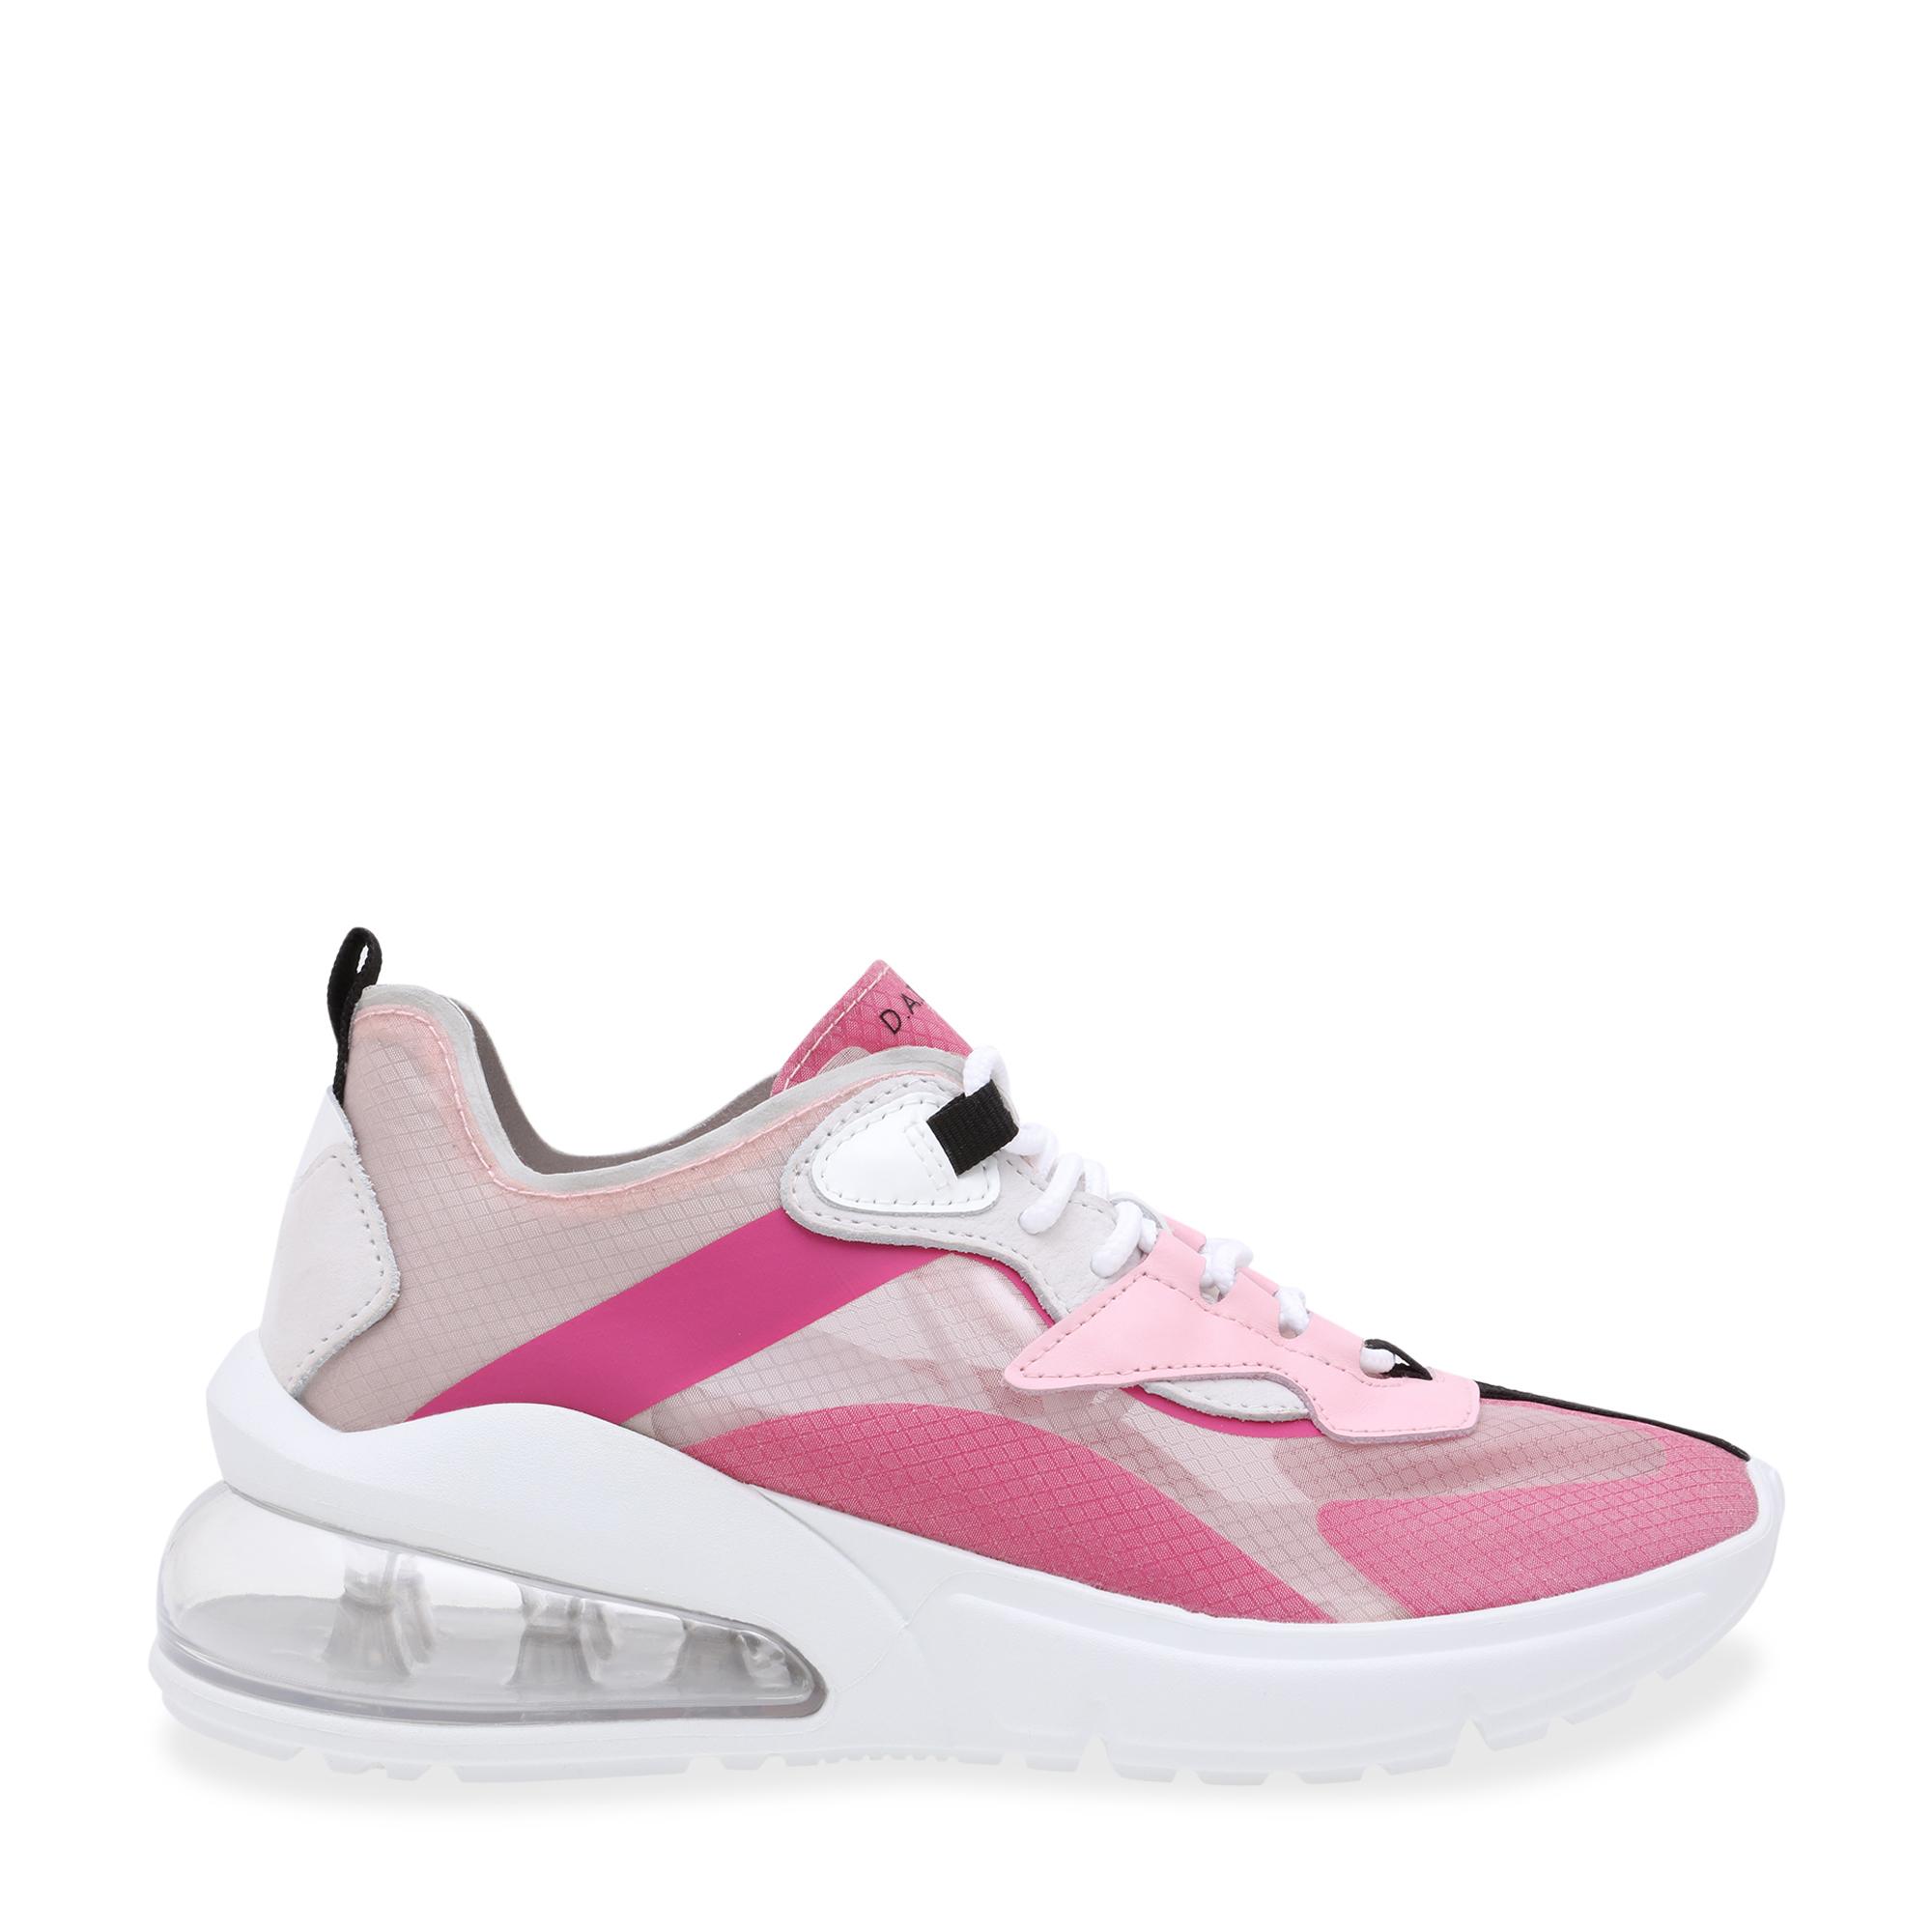 Aura sneakers